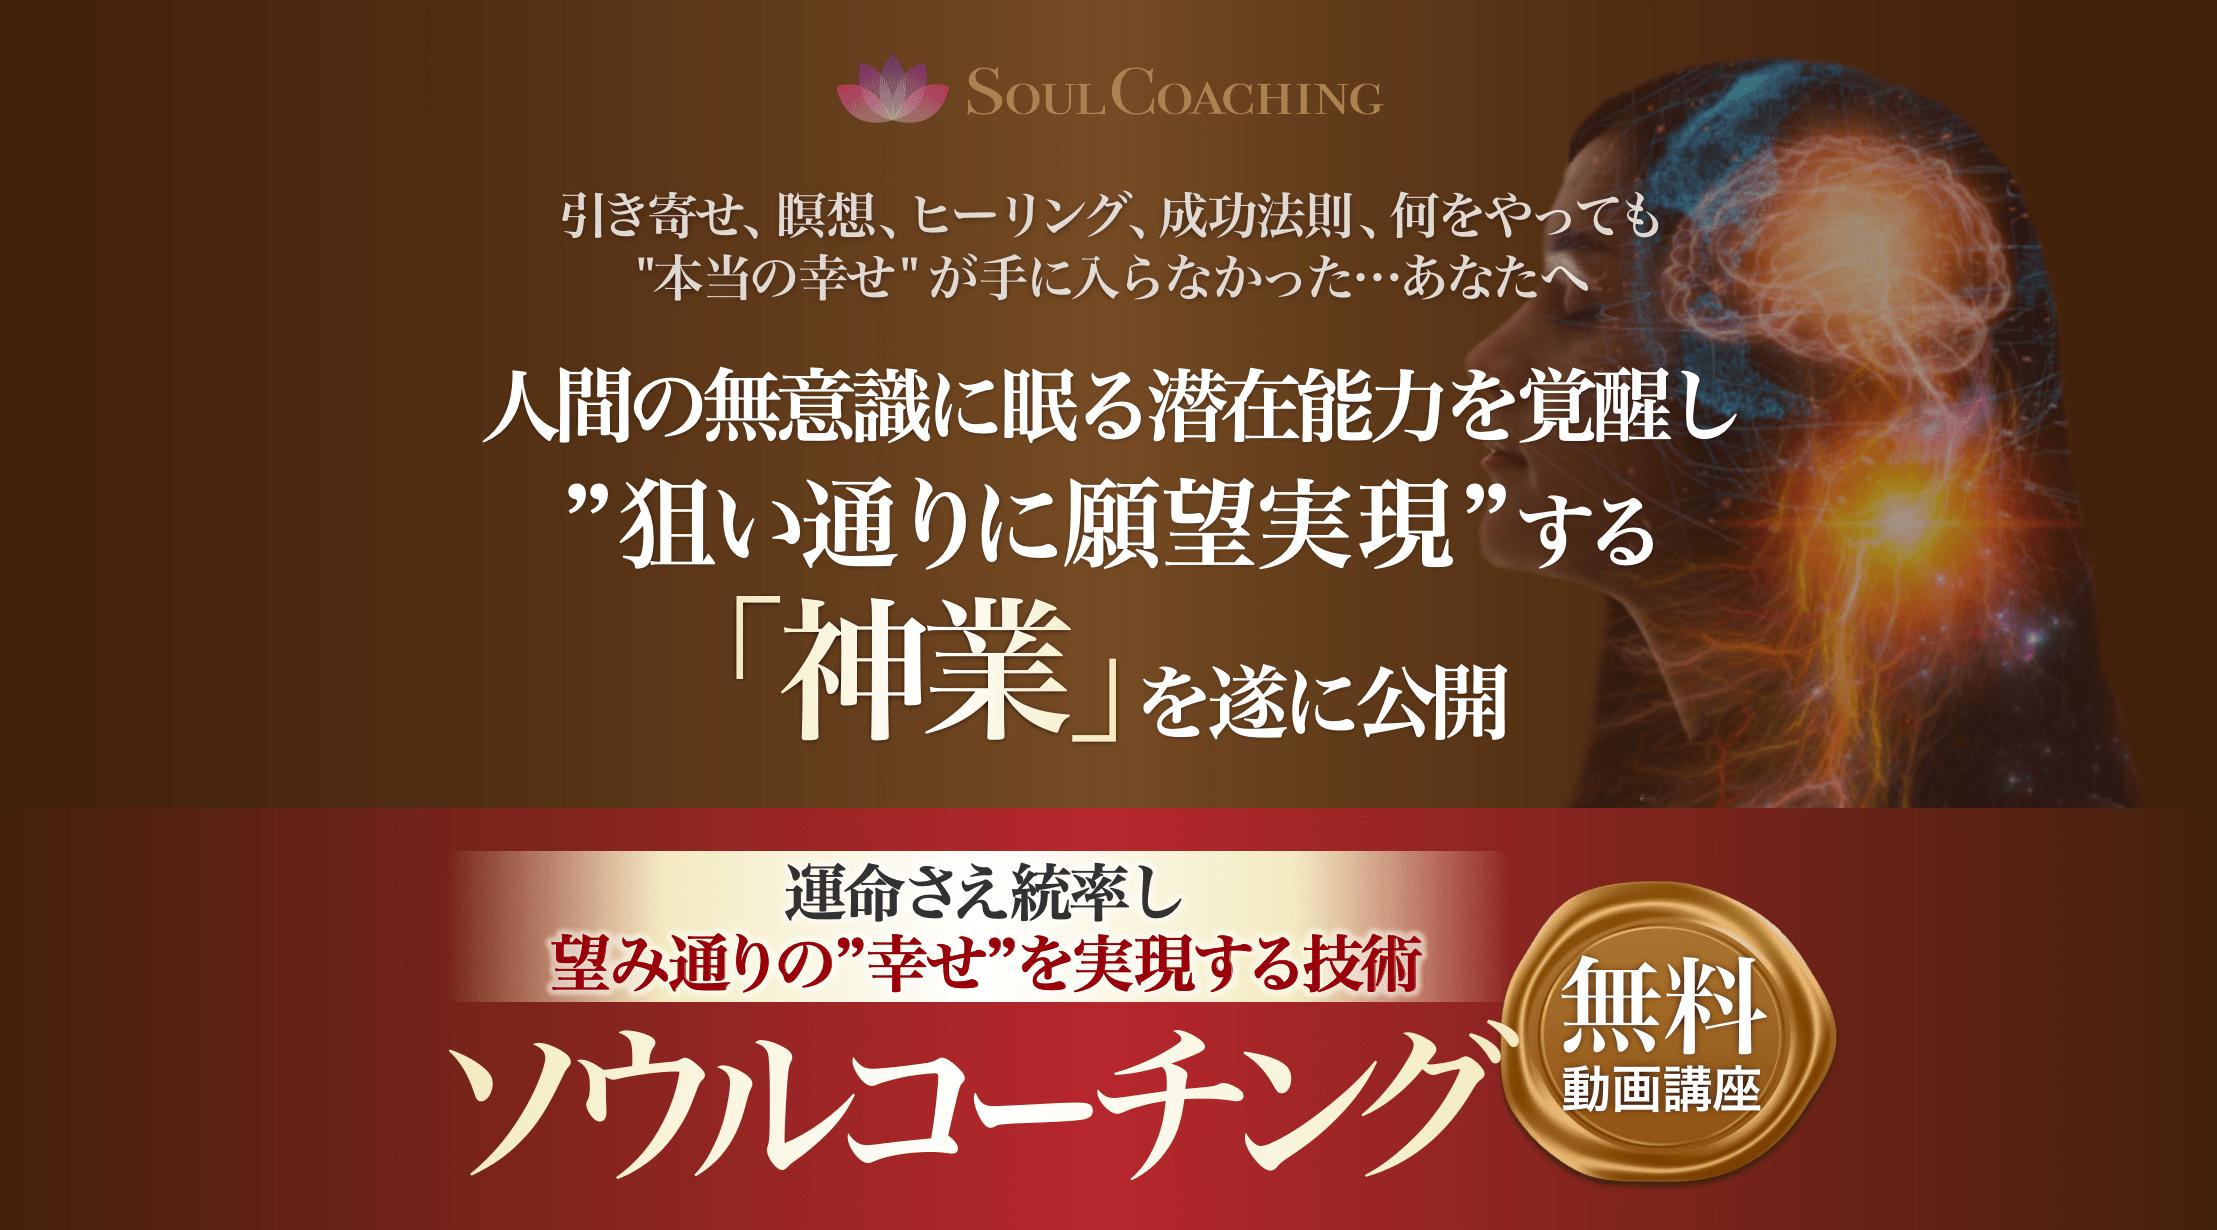 【ソウルコーチング】